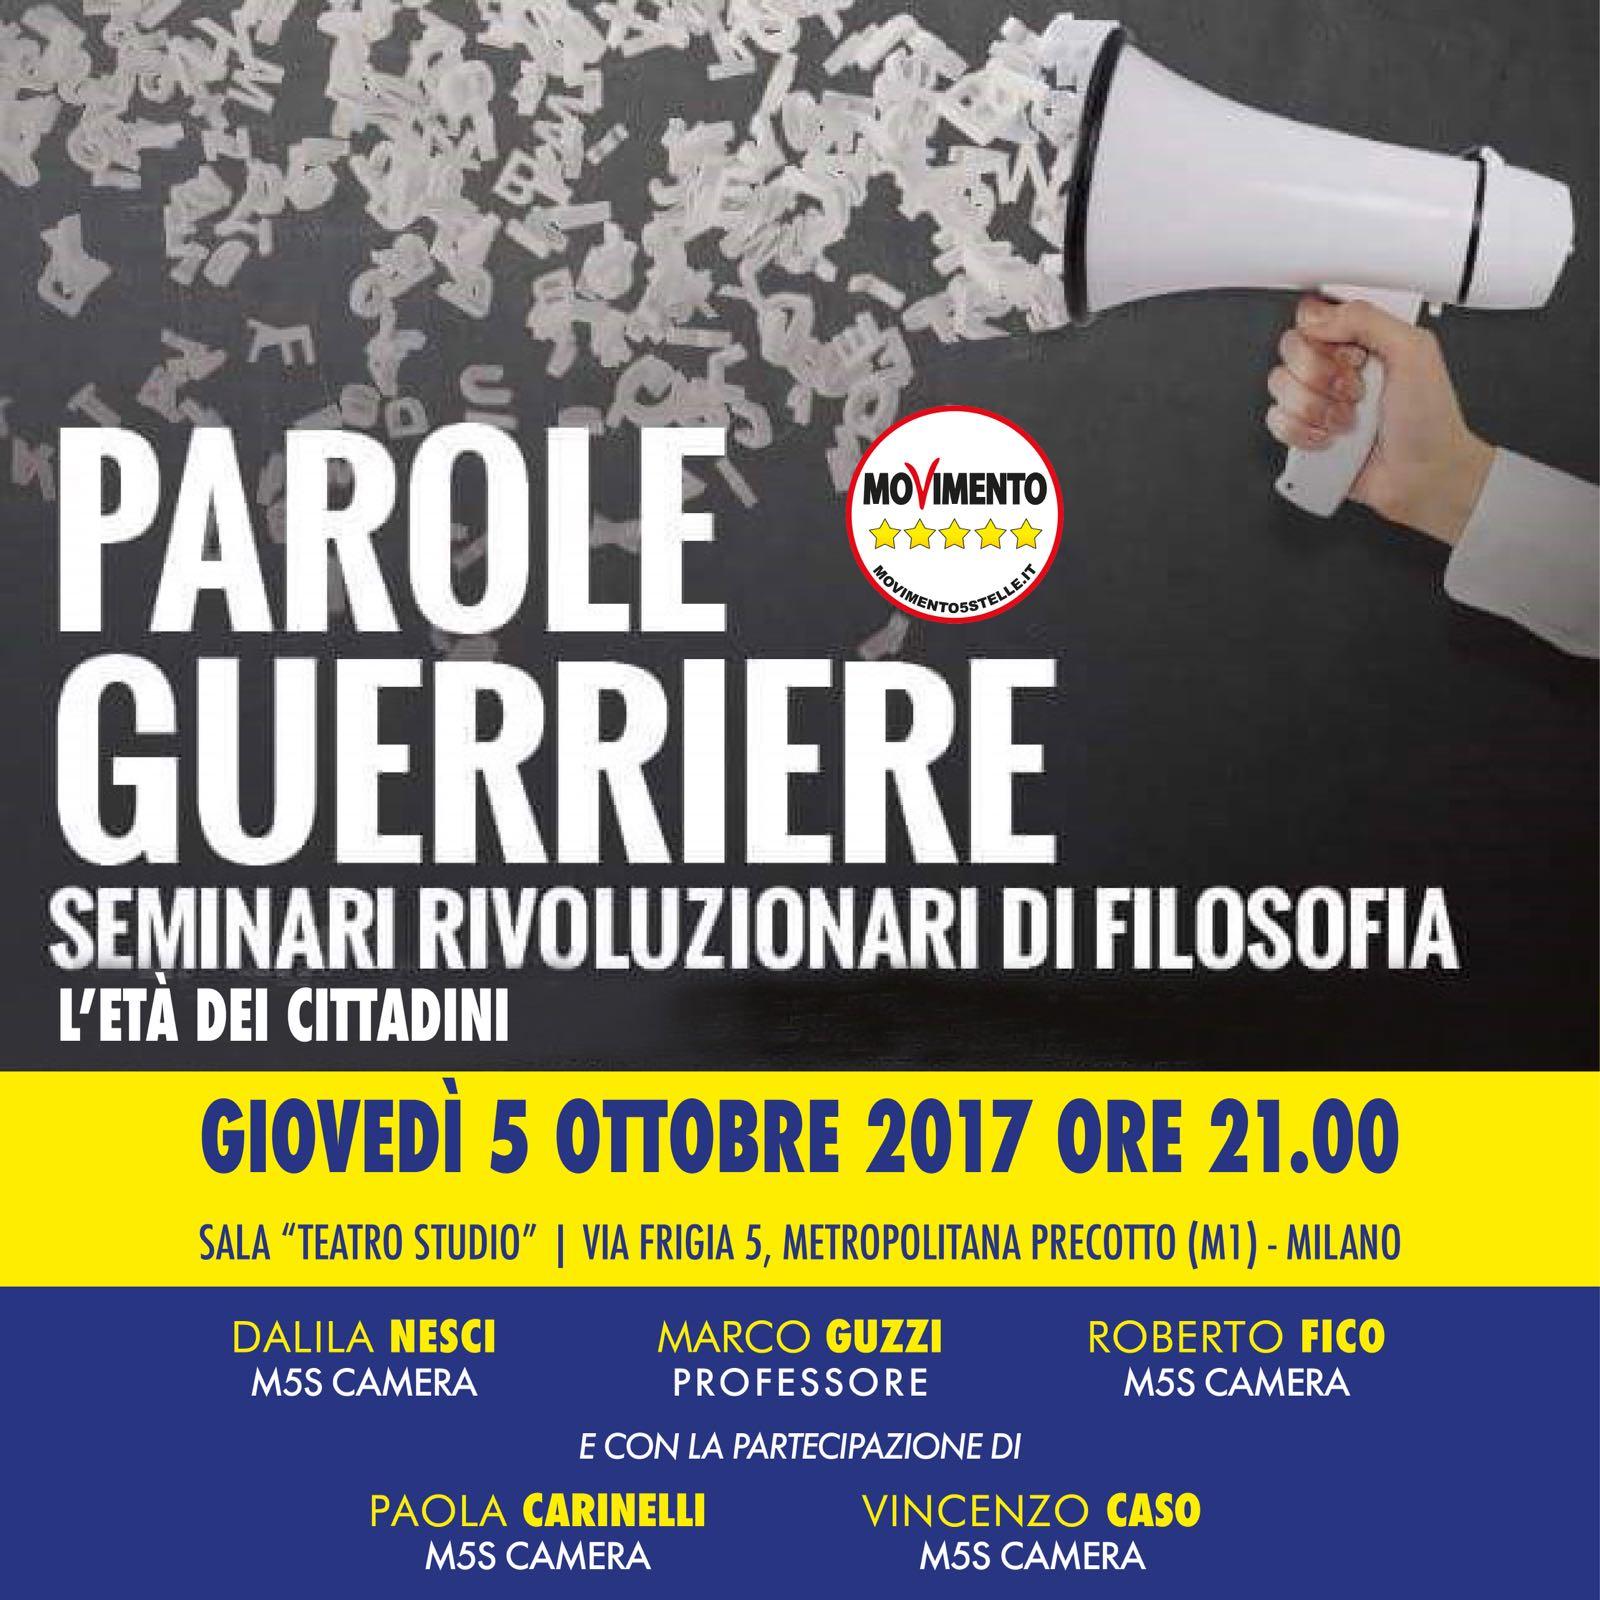 PArole Guerriere Milano